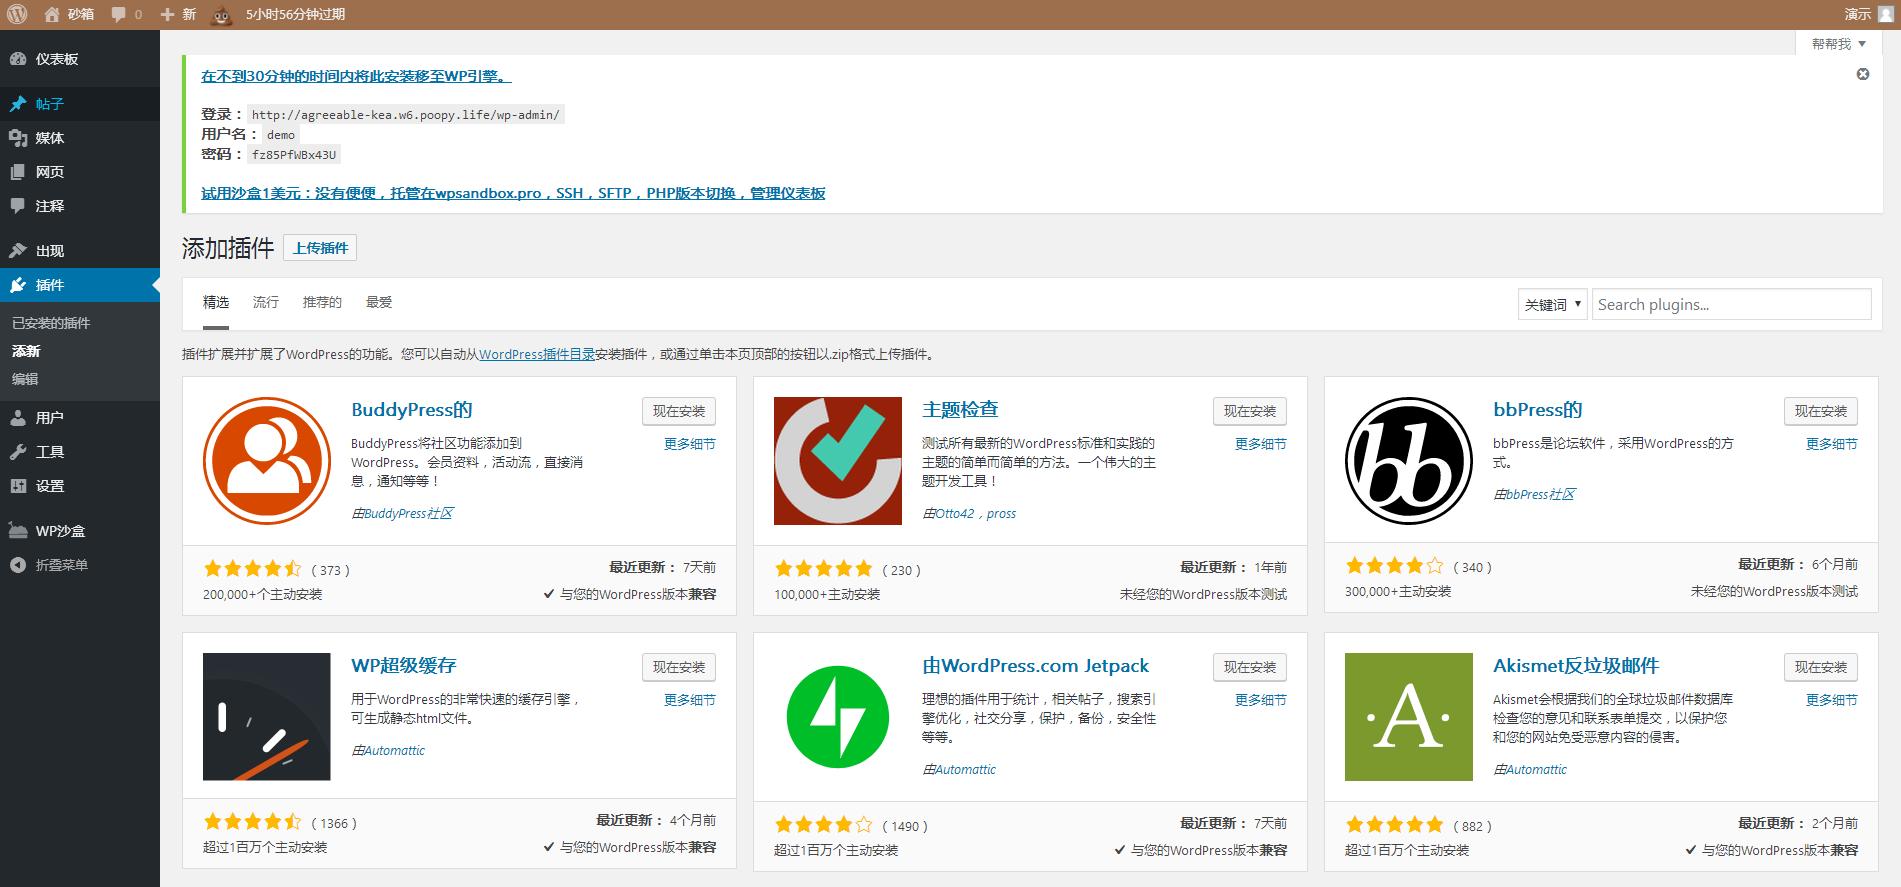 搭建免费的WordPress测试环境(Sand Box),由poopy.life提供 网站 第5张